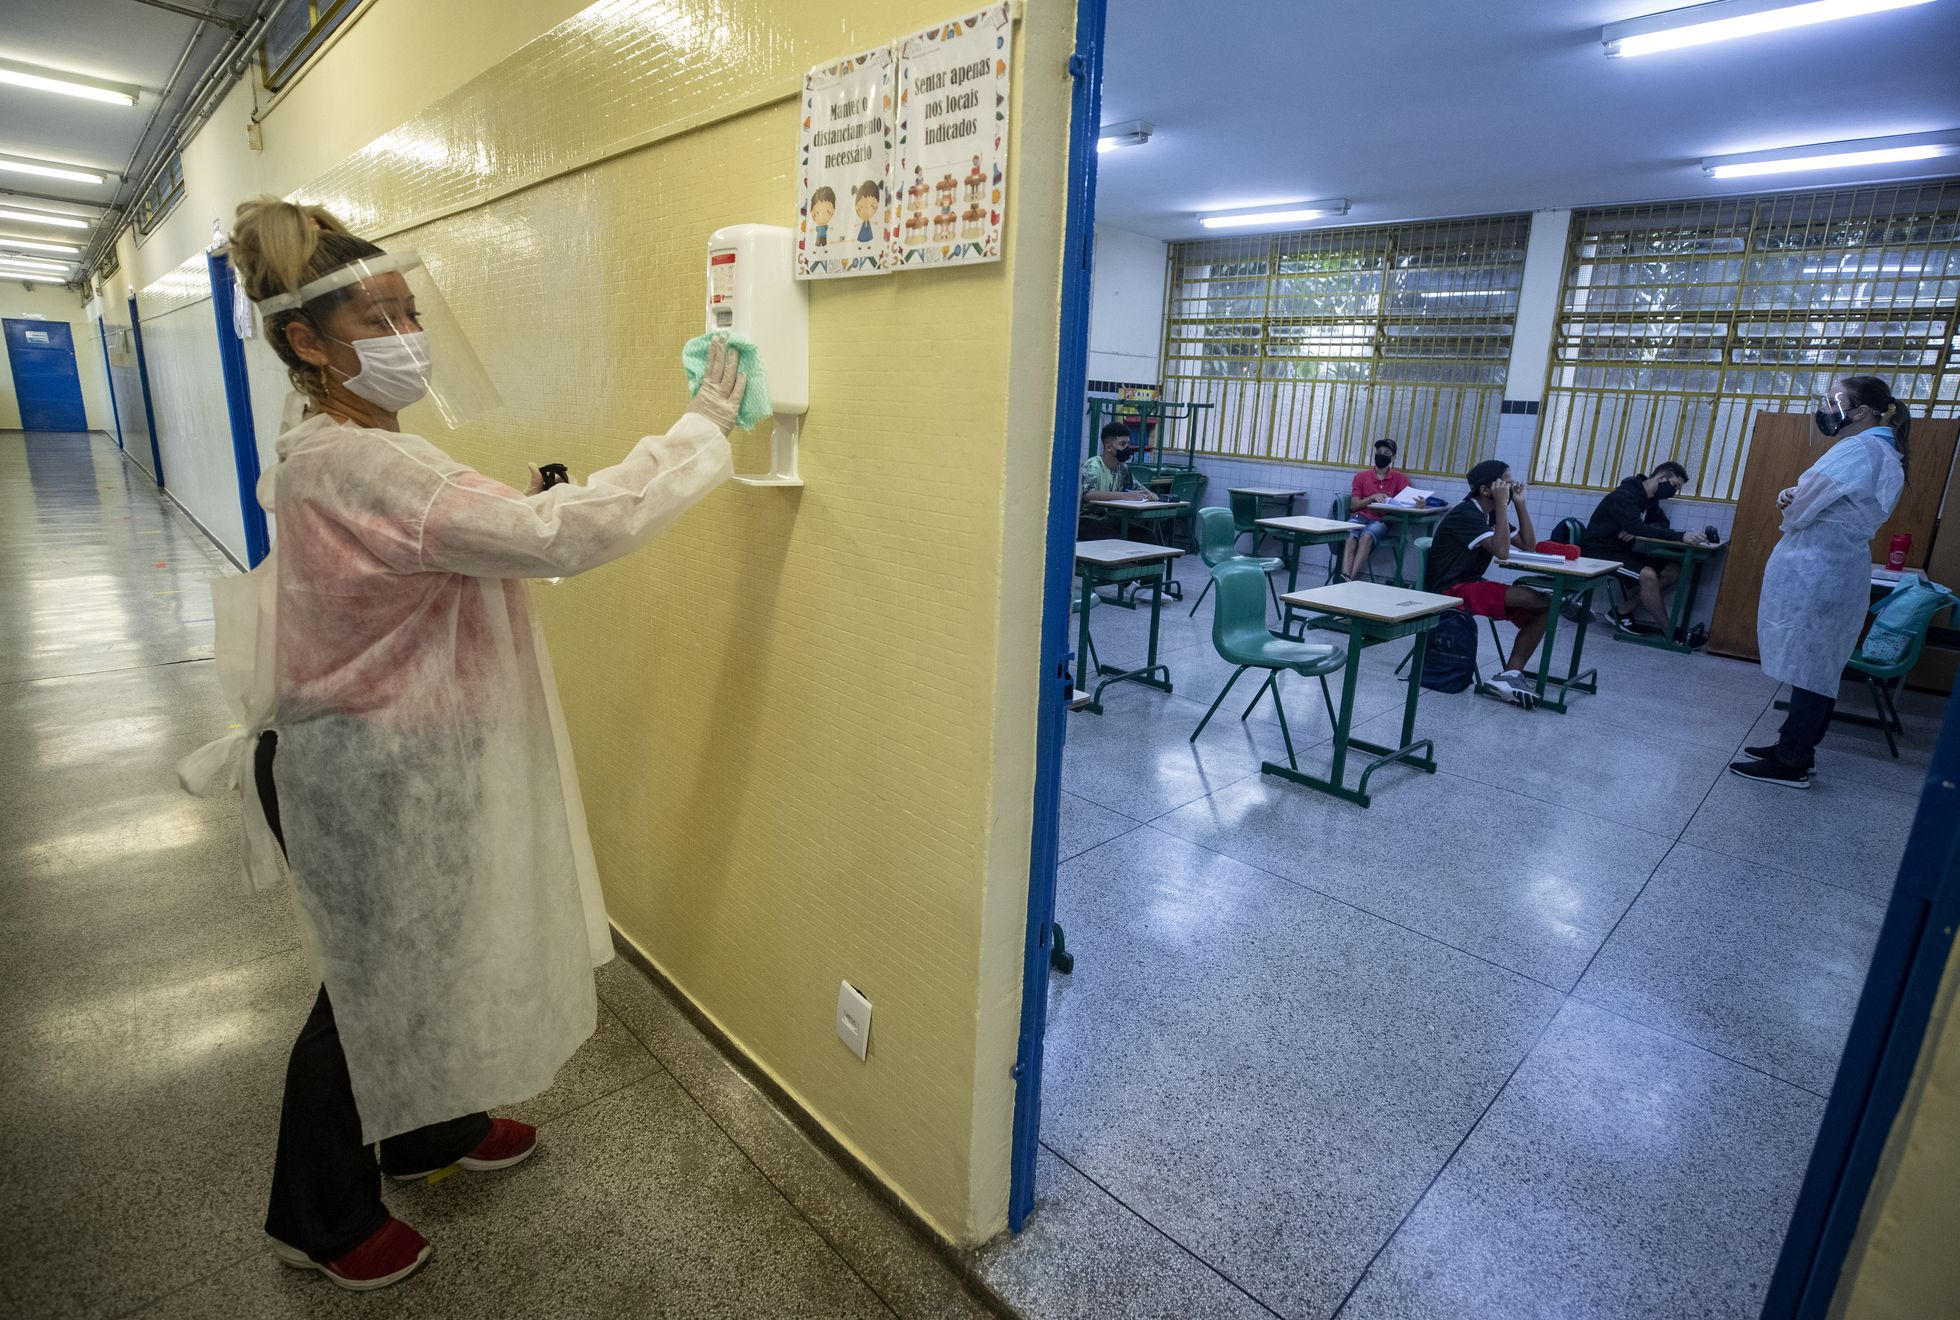 Mãe de aluno, contratada em um programa de temporários da Prefeitura, desinfeta um recipiente de álcool gel na escola de ensino fundamental Sylvia Martin Pires em São Paulo, em 8 de março de 2021. (Foto: ANDRE PENNER / AP)